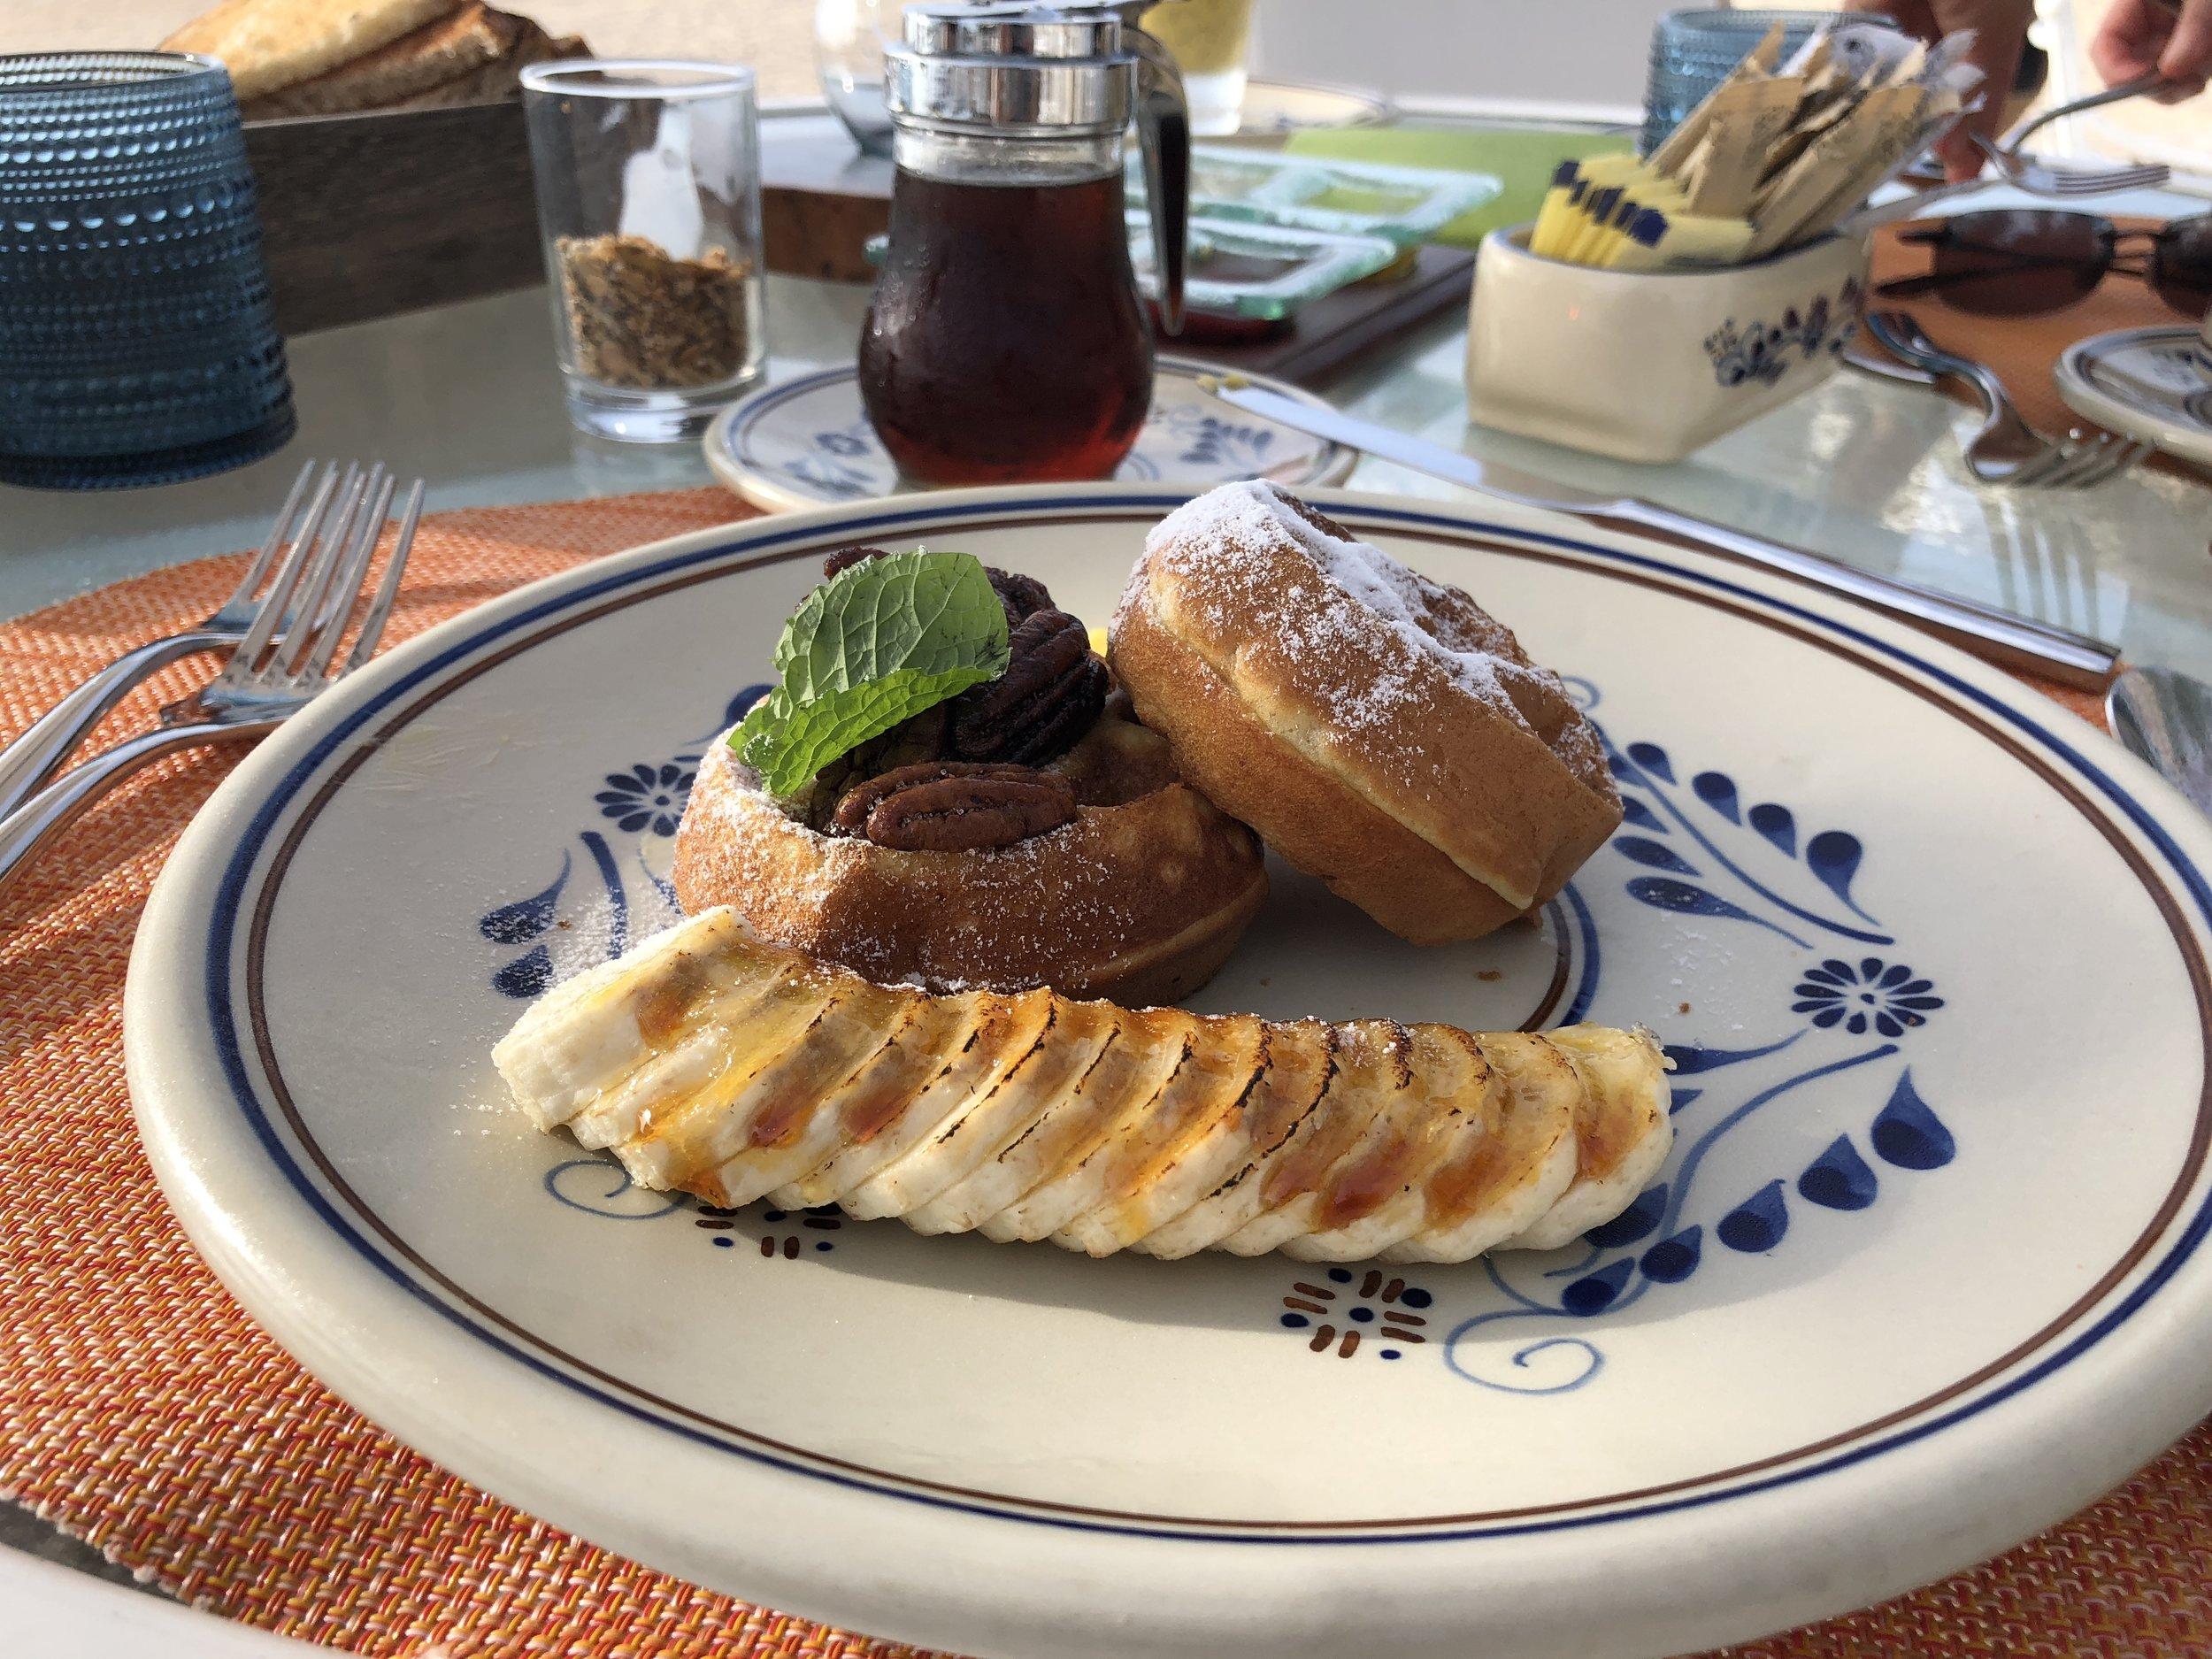 Belmond Bellini Club guests enjoy free breakfast